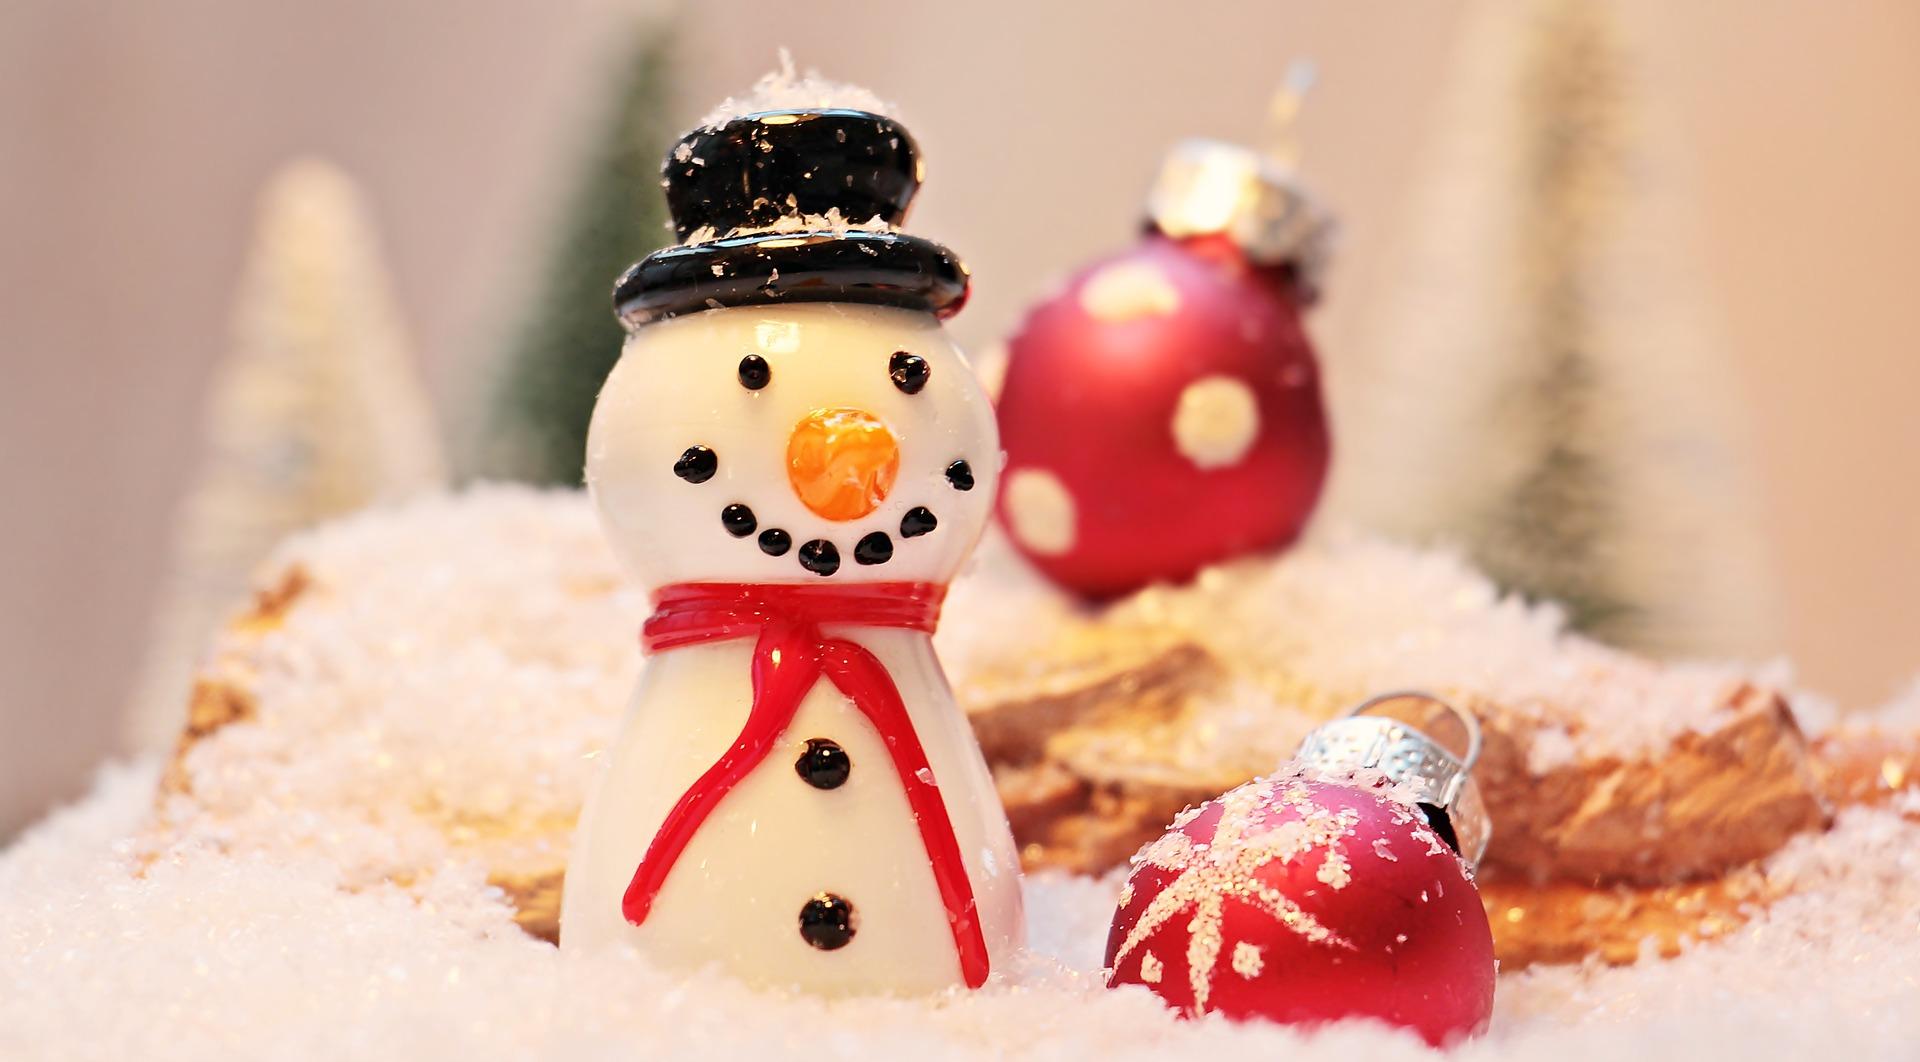 snow-man-1872164_1920